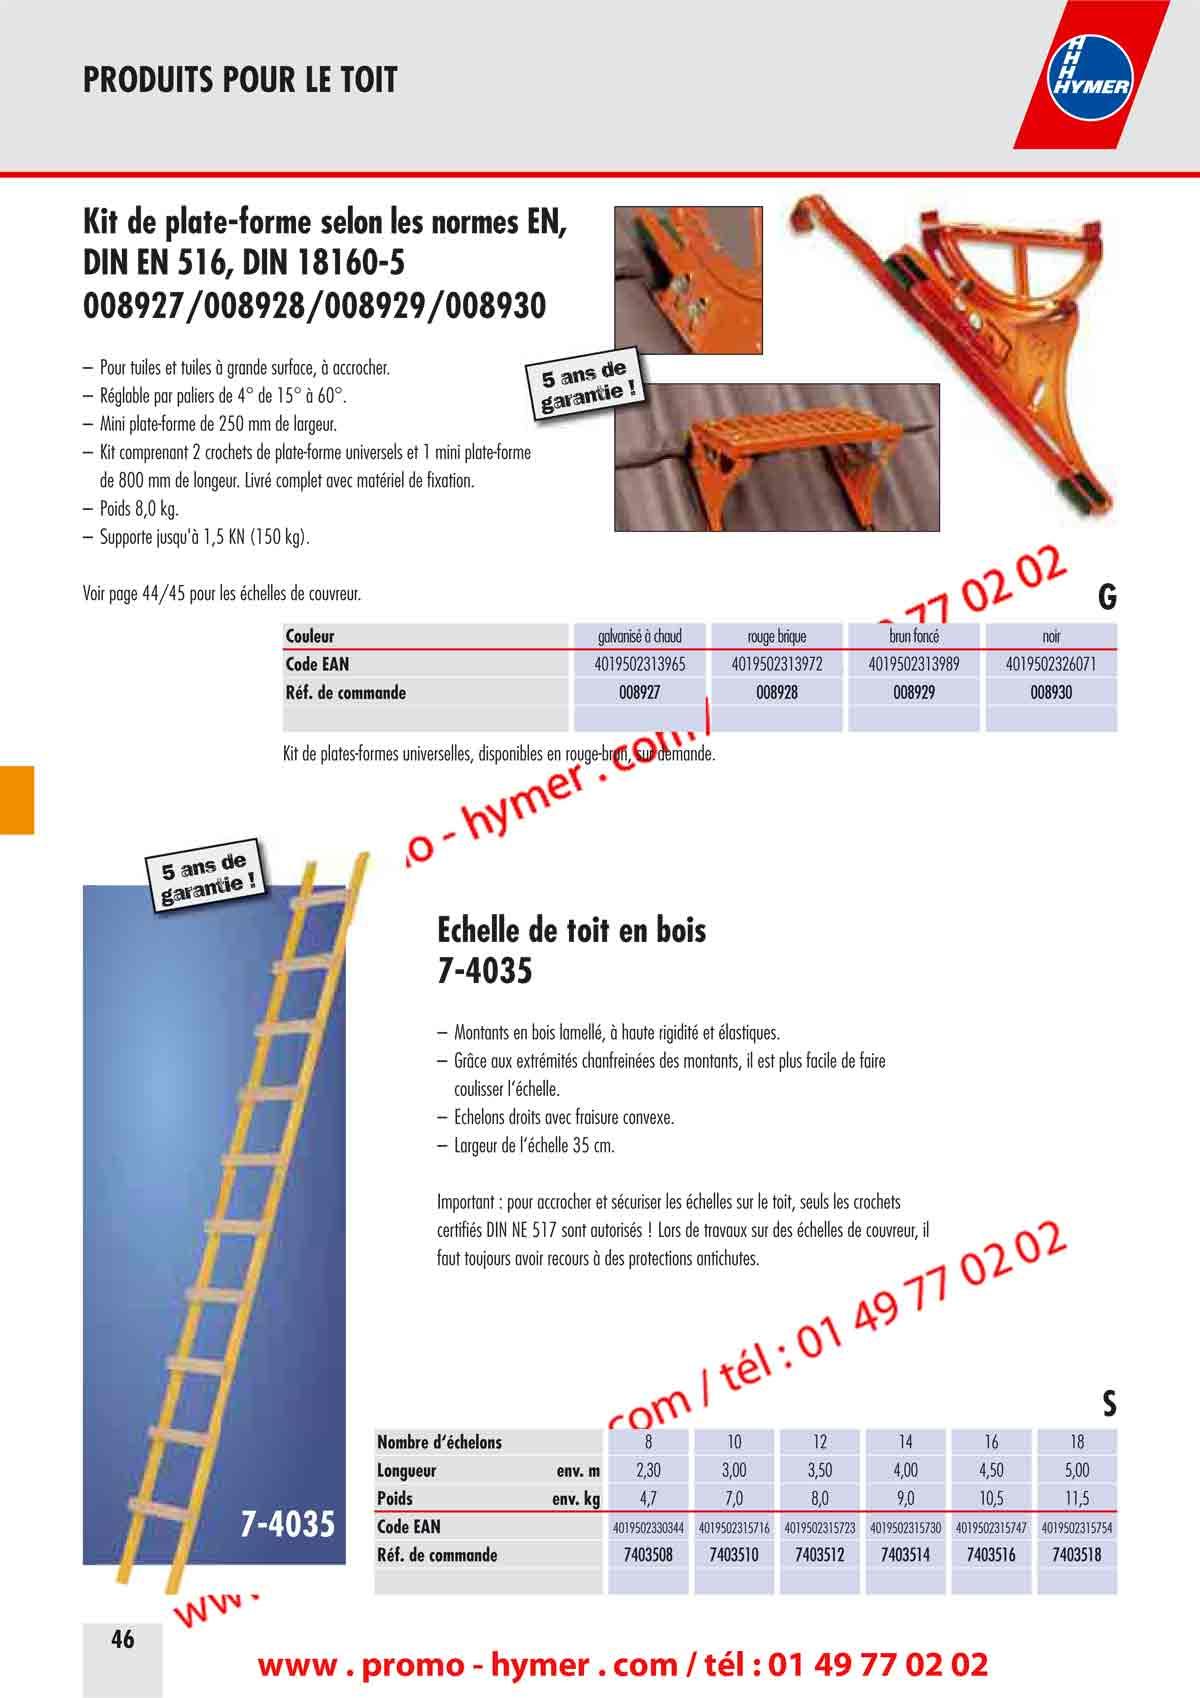 Forme De Toit p46 kit plate-forme de toiture a accrocher catalogue-hymer tableau